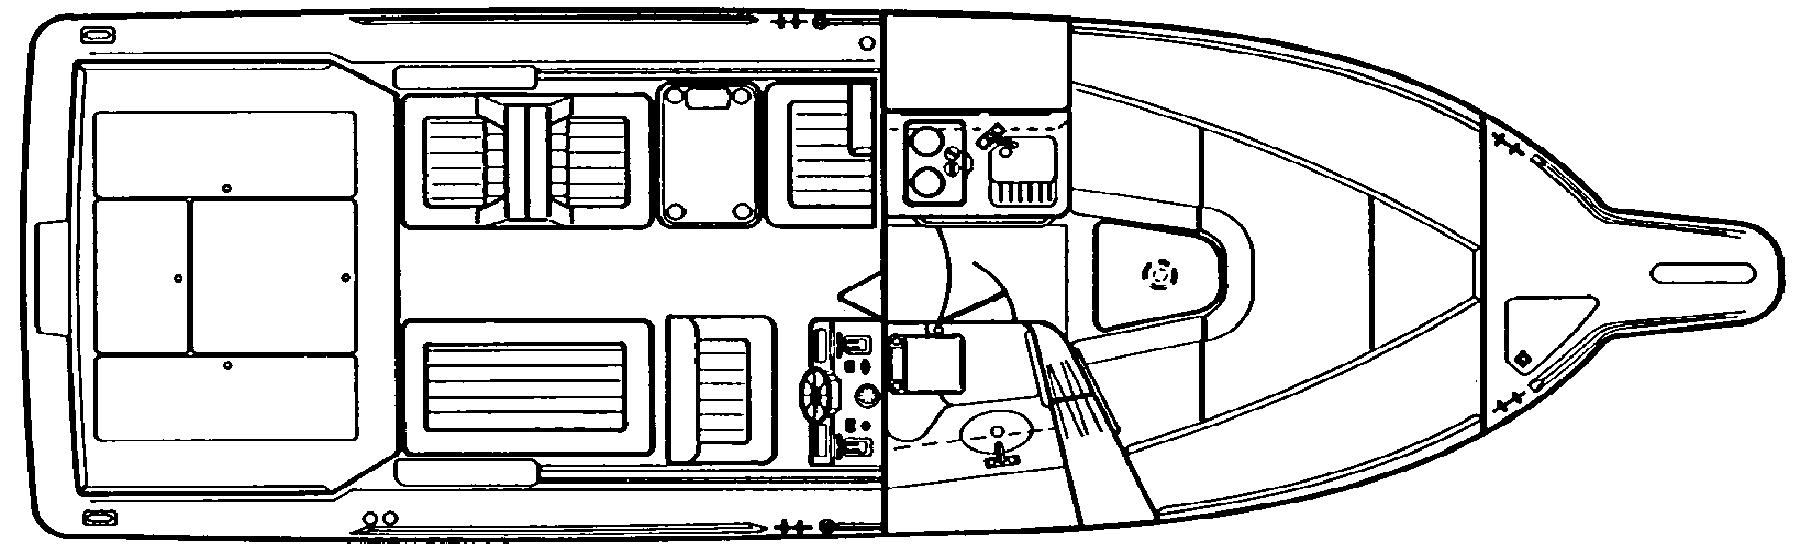 310 Amberjack Floor Plan 2